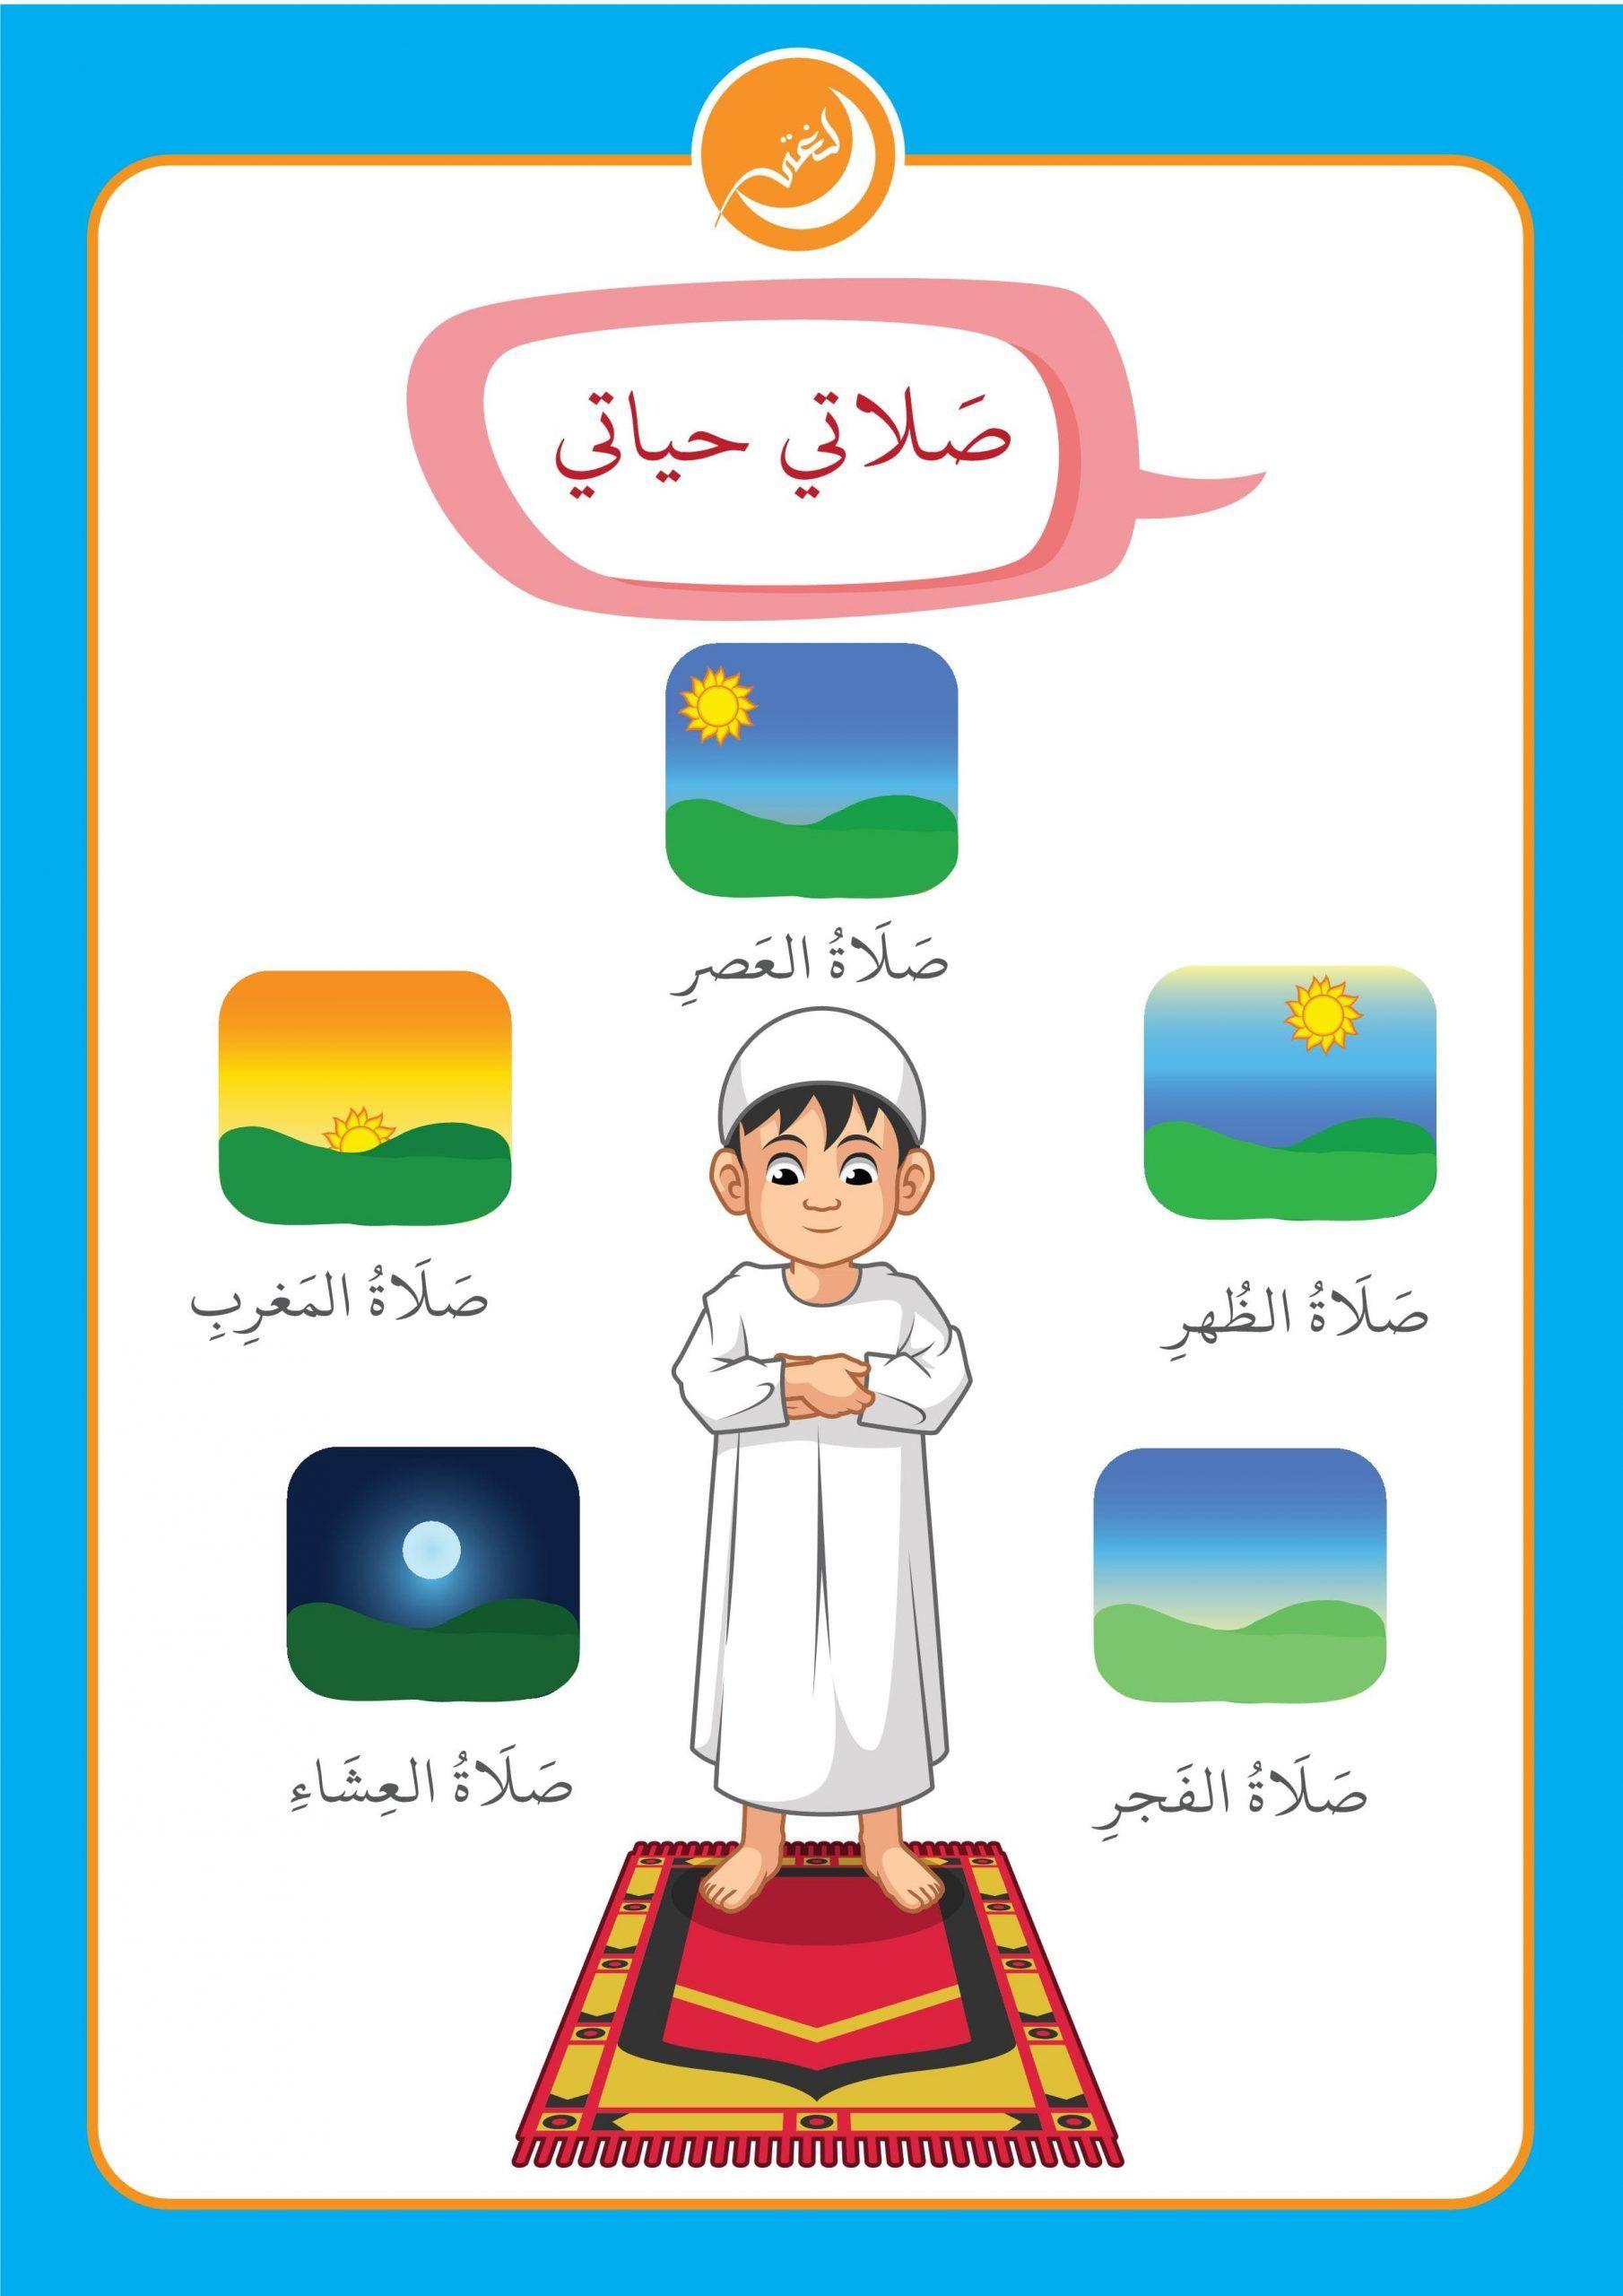 اوراق عمل اقامة الصلاة متنوعة لتعليم الاطفال بطريقة بسيطة Muslim Kids Activities Islamic Kids Activities Islamic Books For Kids